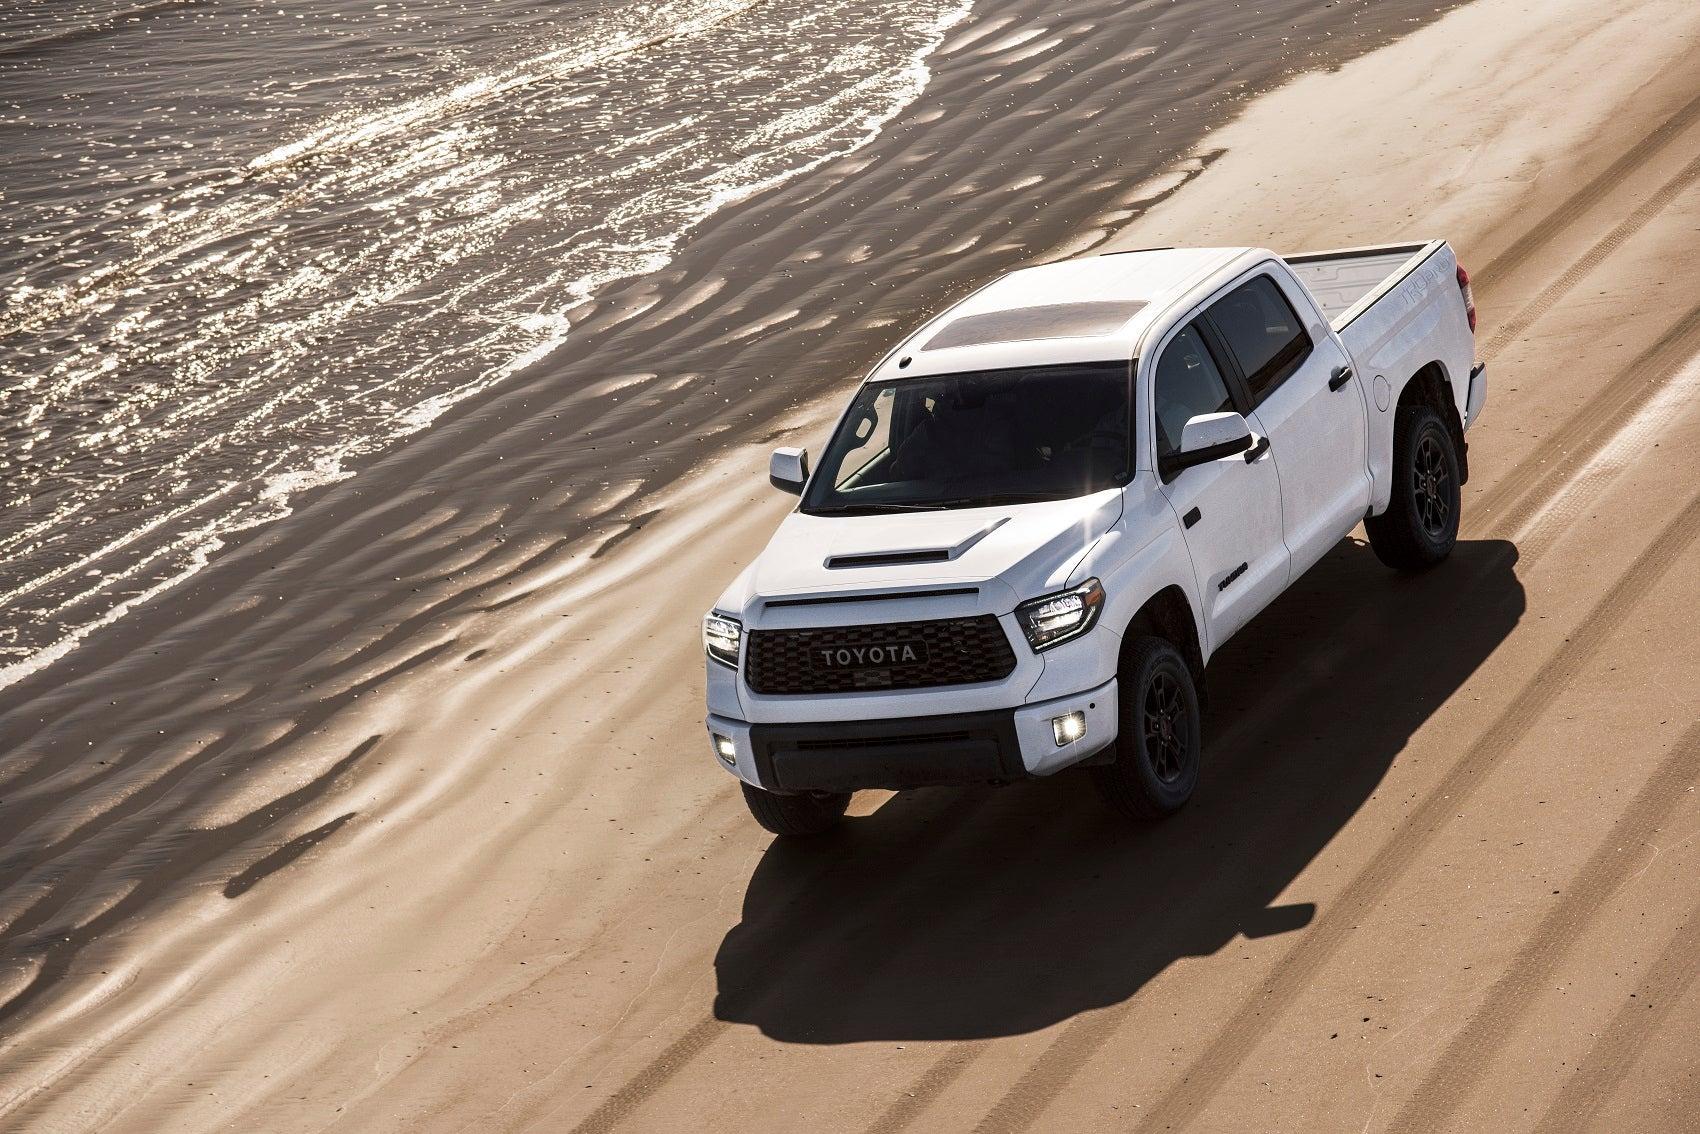 Used Toyota Trucks Near Deland Fl Daytona Toyota